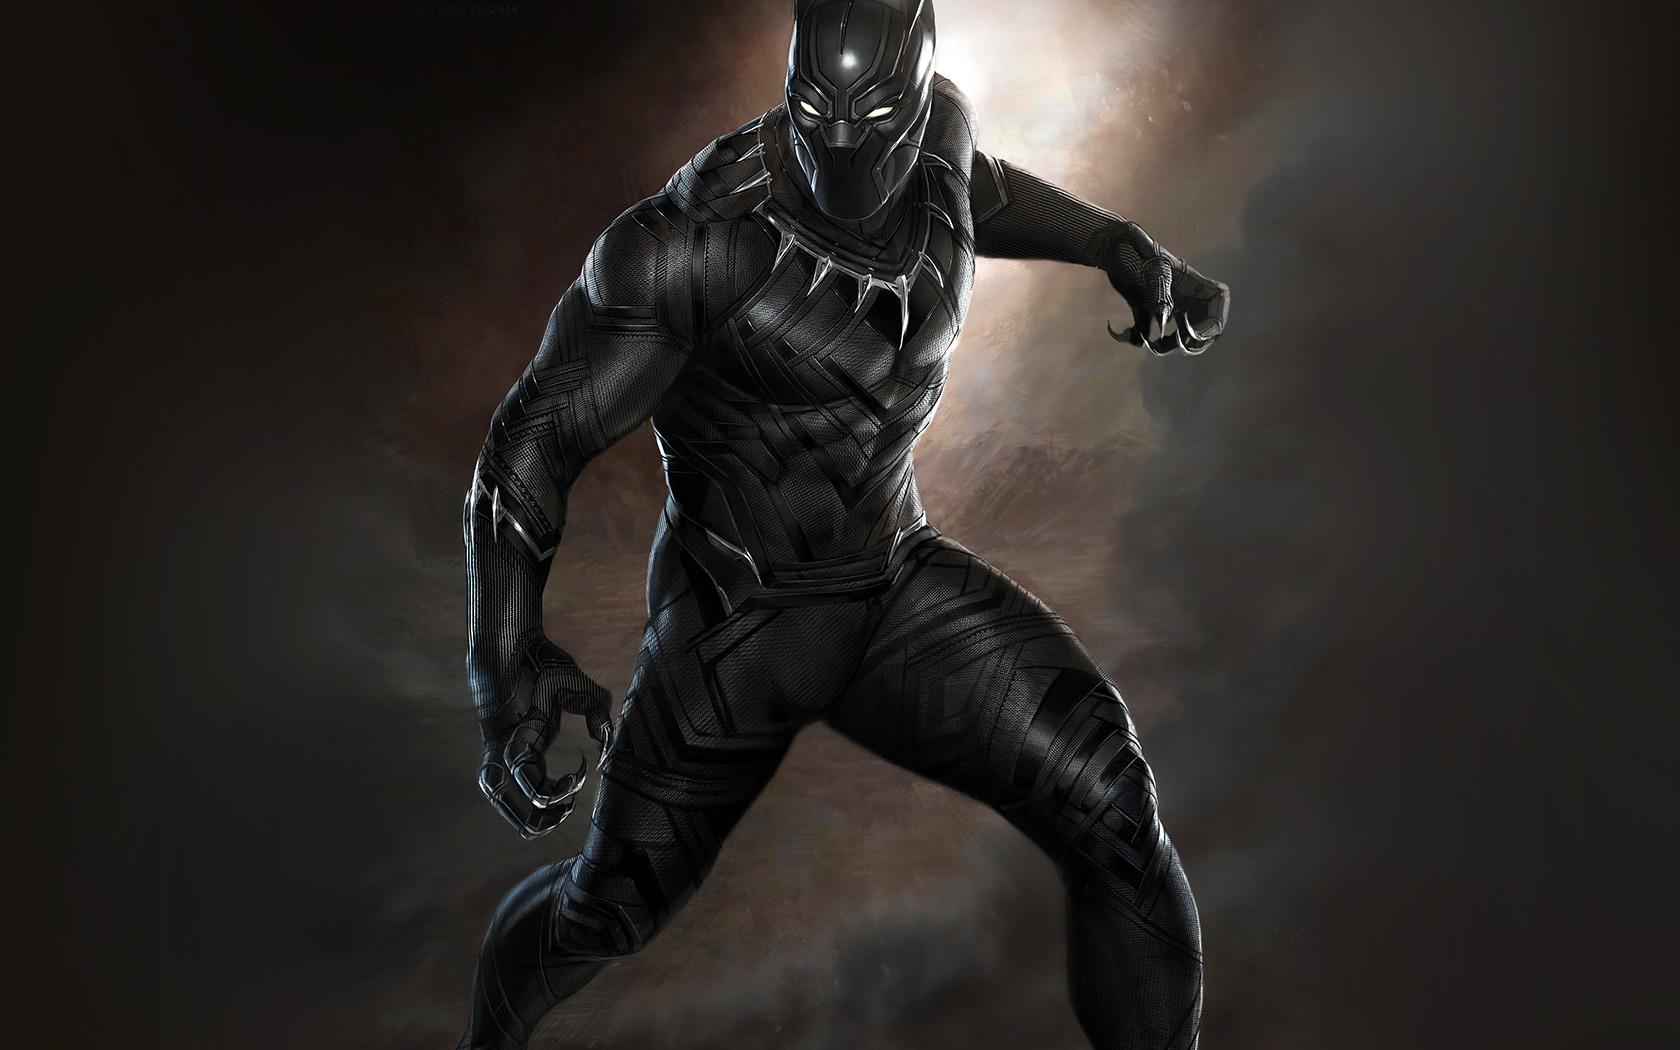 Wallpaper Macbook Air Fall Art Aq76 Black Panther Art Hero Captain America Wallpaper